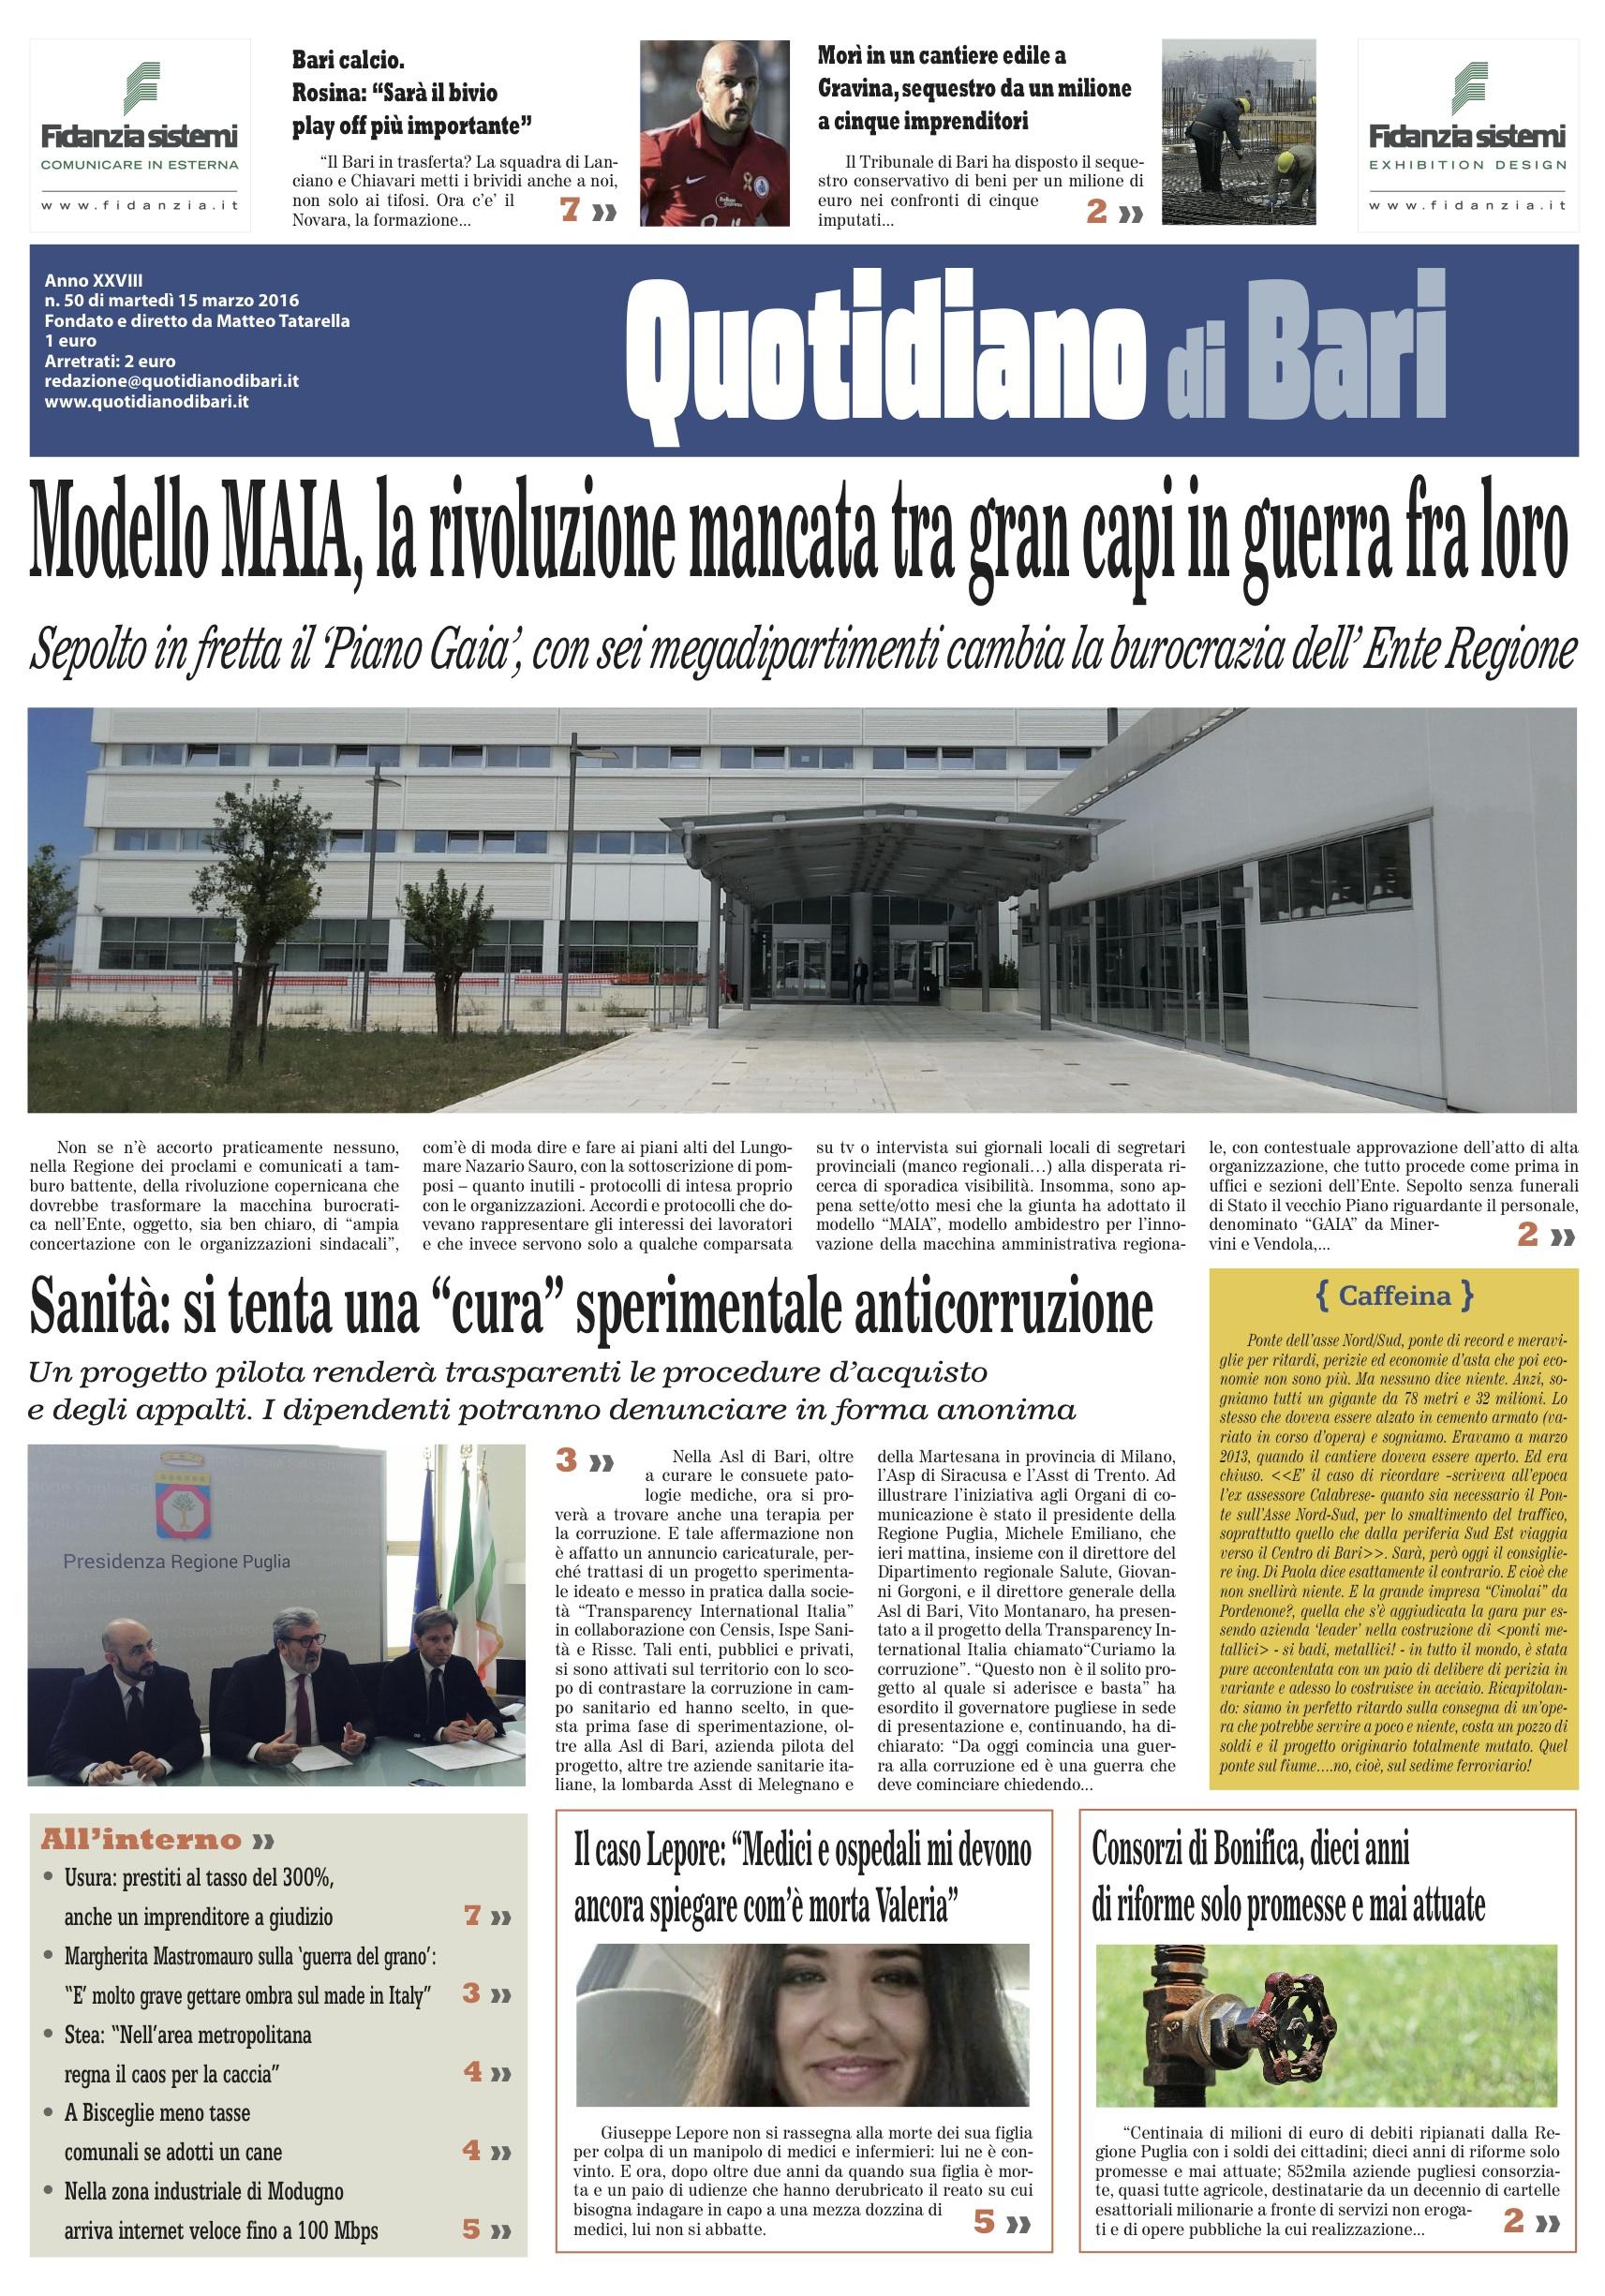 Aziende Modugno Zona Industriale pubblicazione 15_03_2016